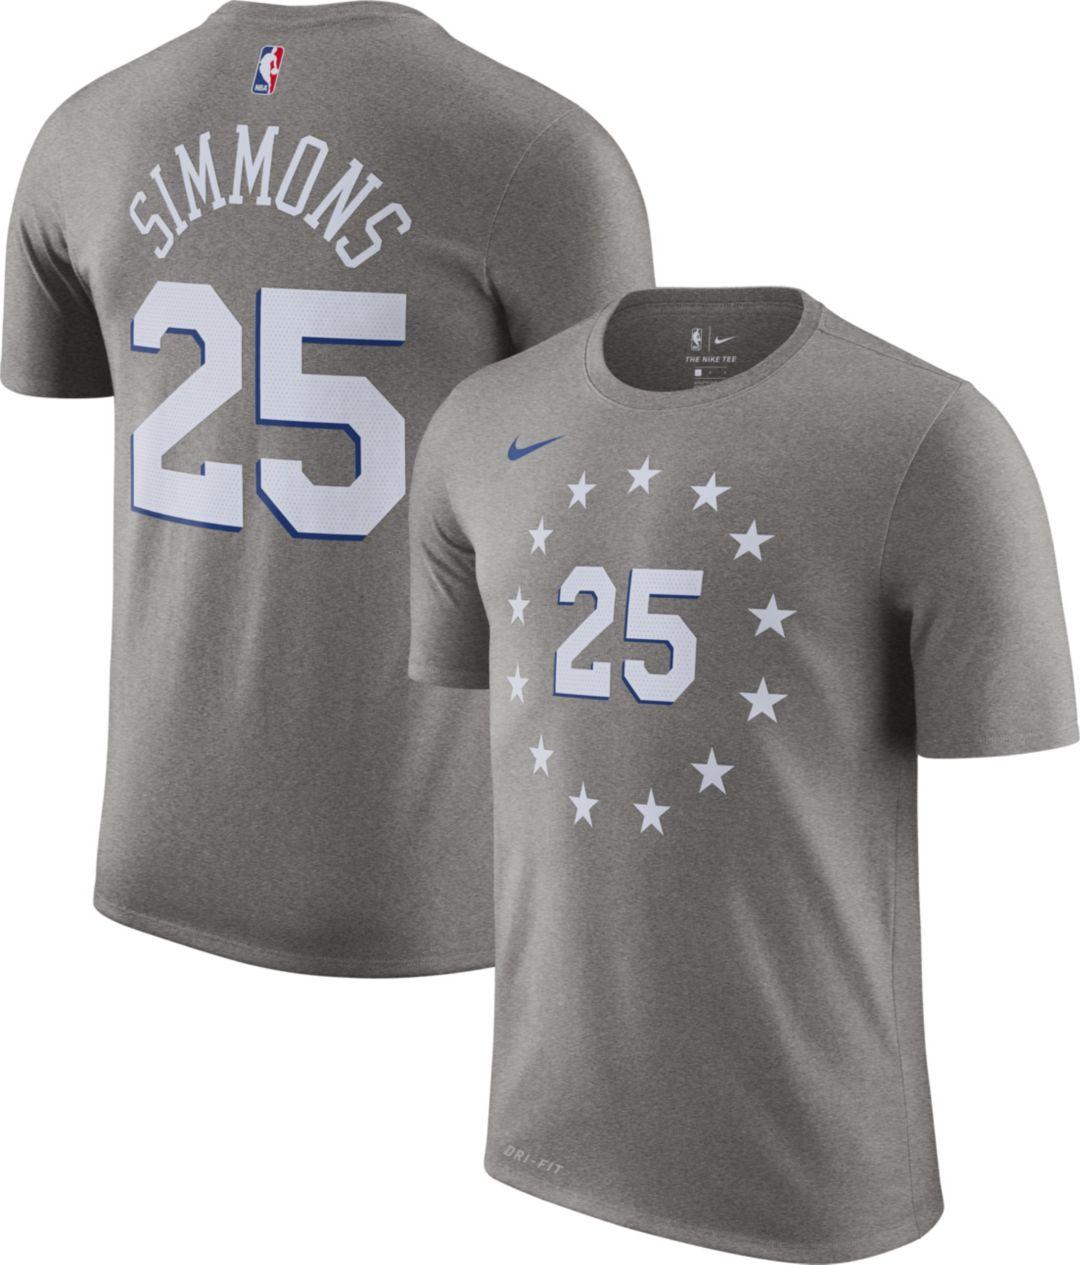 buy online 06d3a 1a75f Nike Men's Philadelphia 76ers Ben Simmons Dri-FIT City Edition T-Shirt